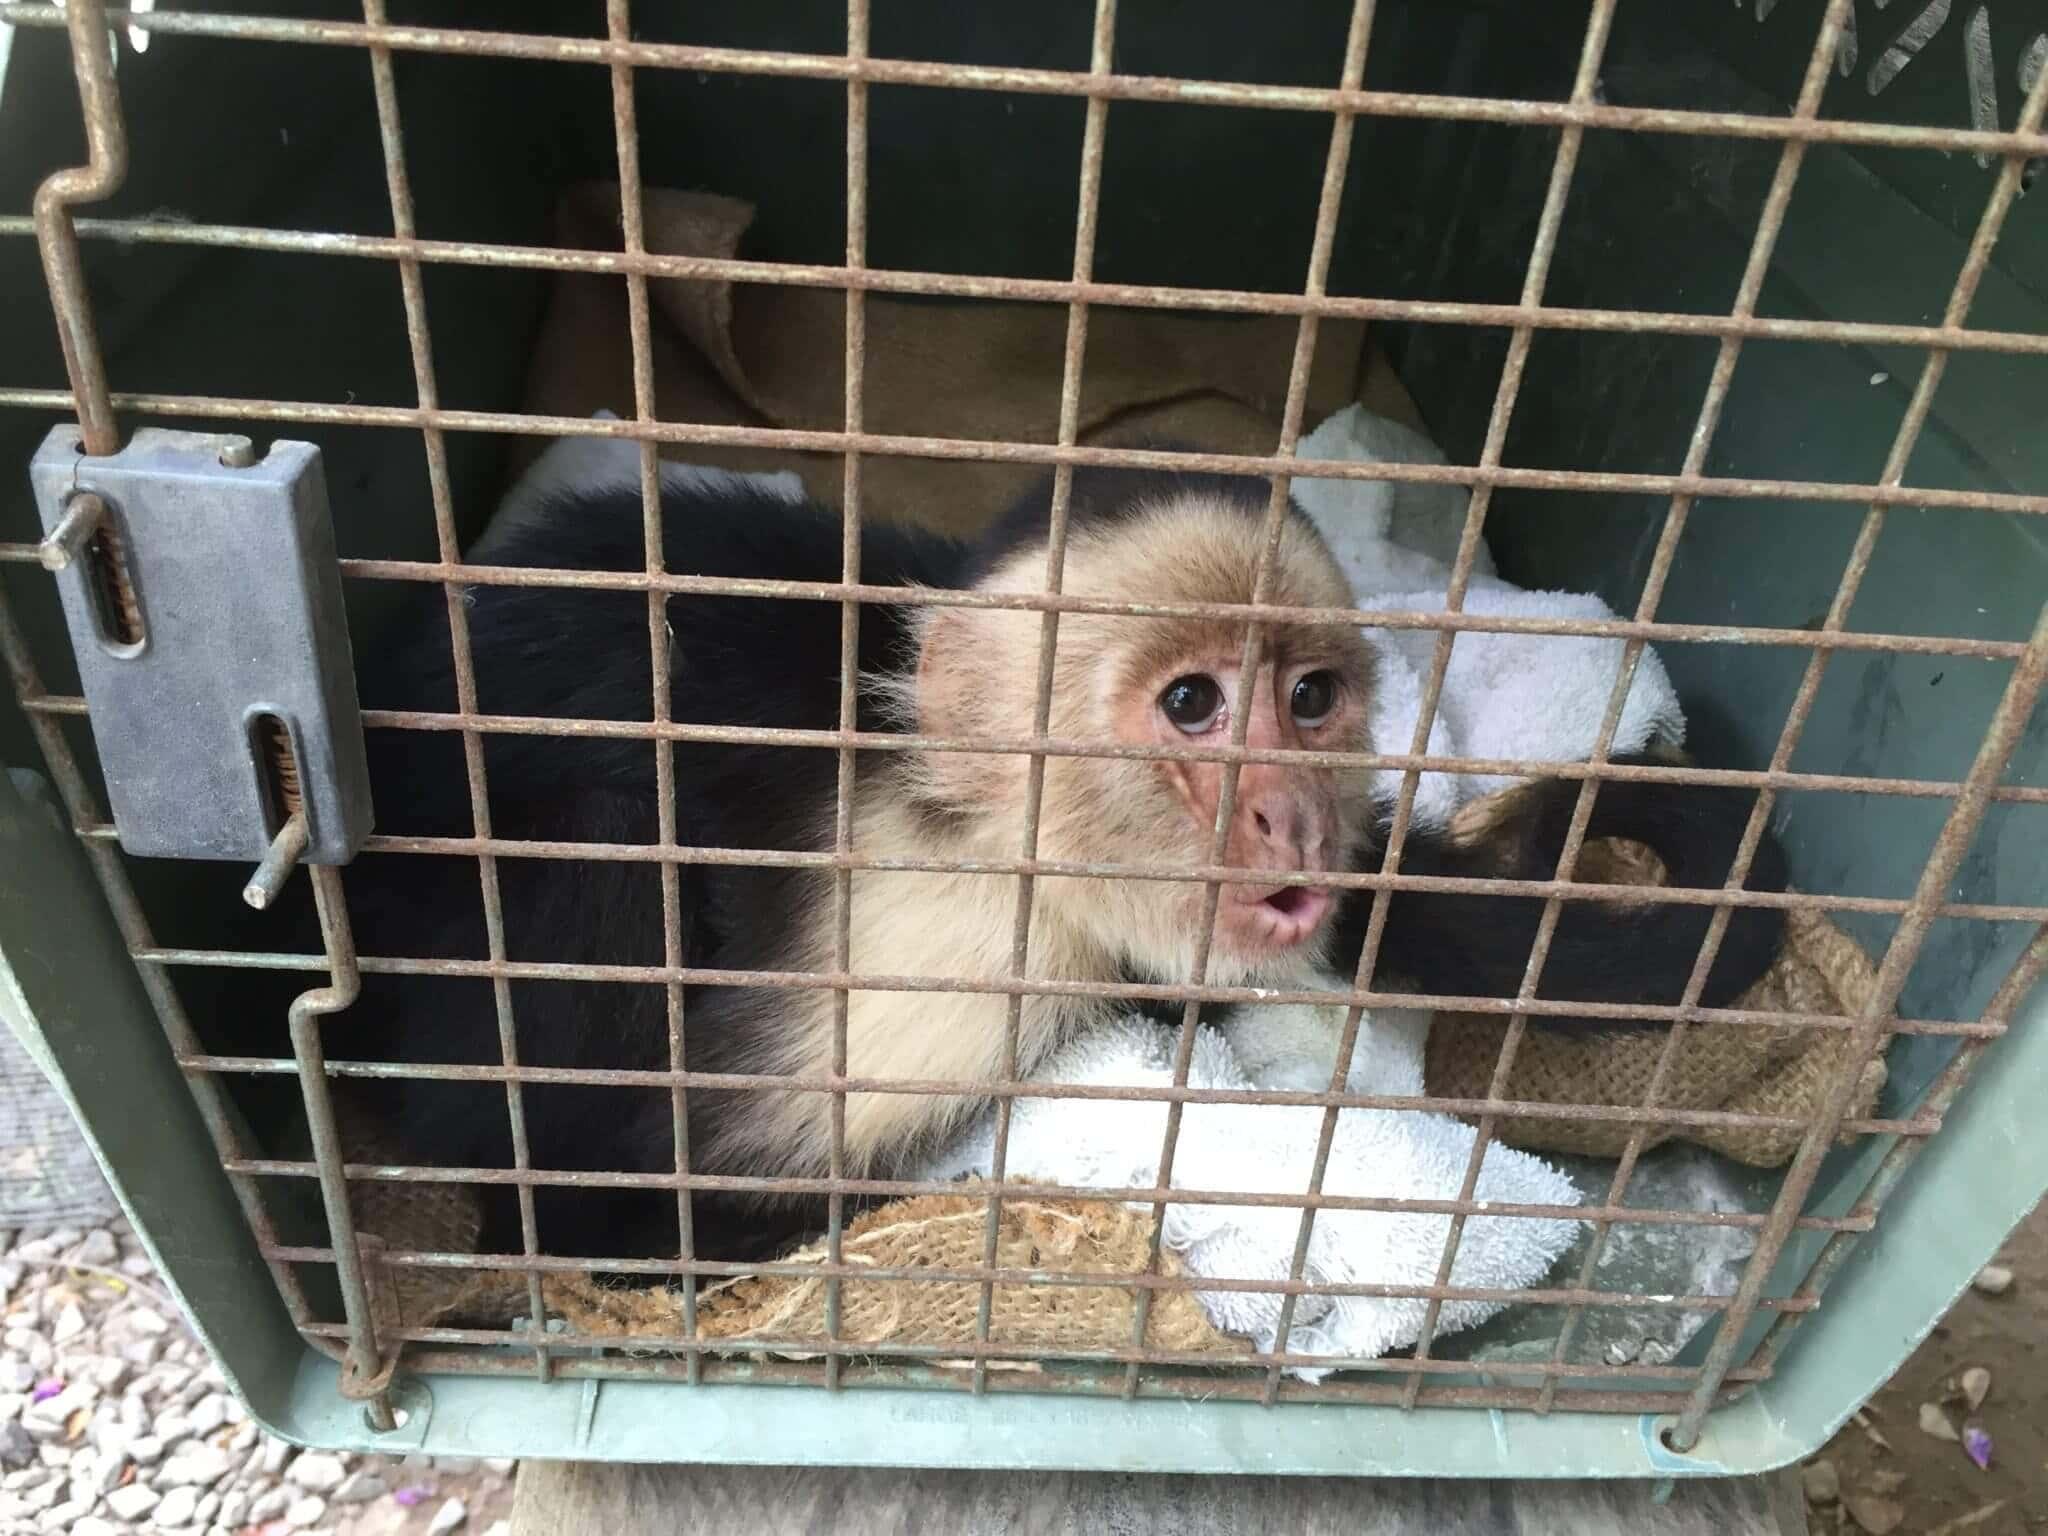 White-faced monkey (<i> Cebus imitator </ i>)